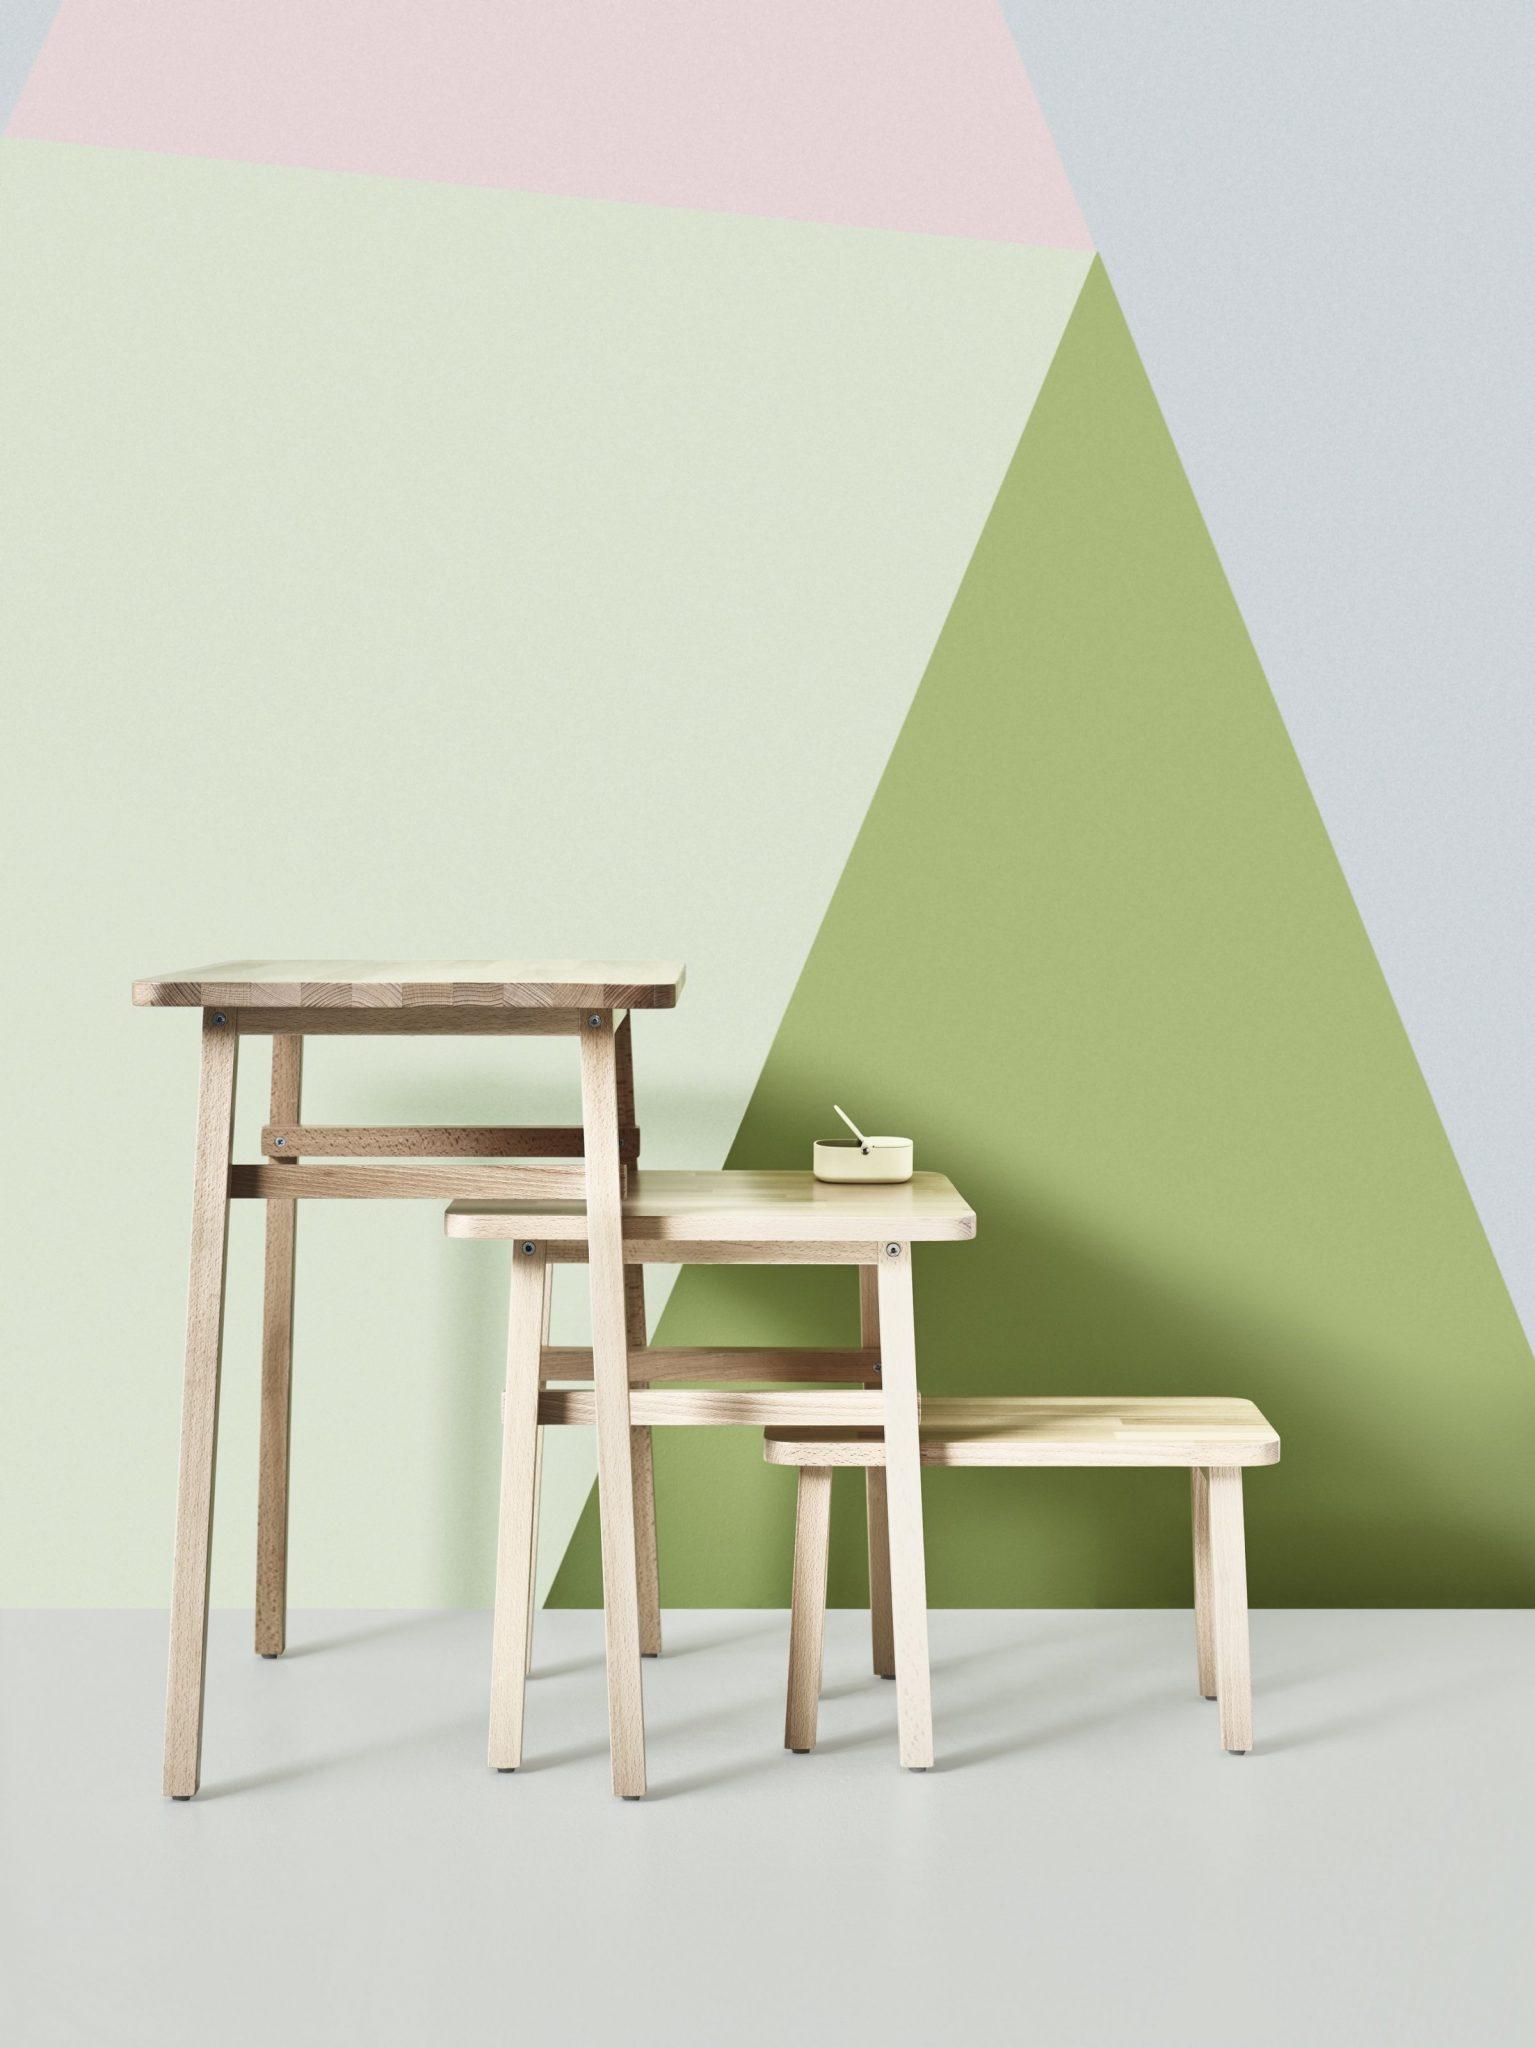 """IKEA x HAY สร้างสรรค์คอลเล็คชั่นใหม่ """"อิปเปอร์ลิก"""" เฟอร์นิเจอร์สไตล์สแกนดิเนเวีย 19 - HAY"""